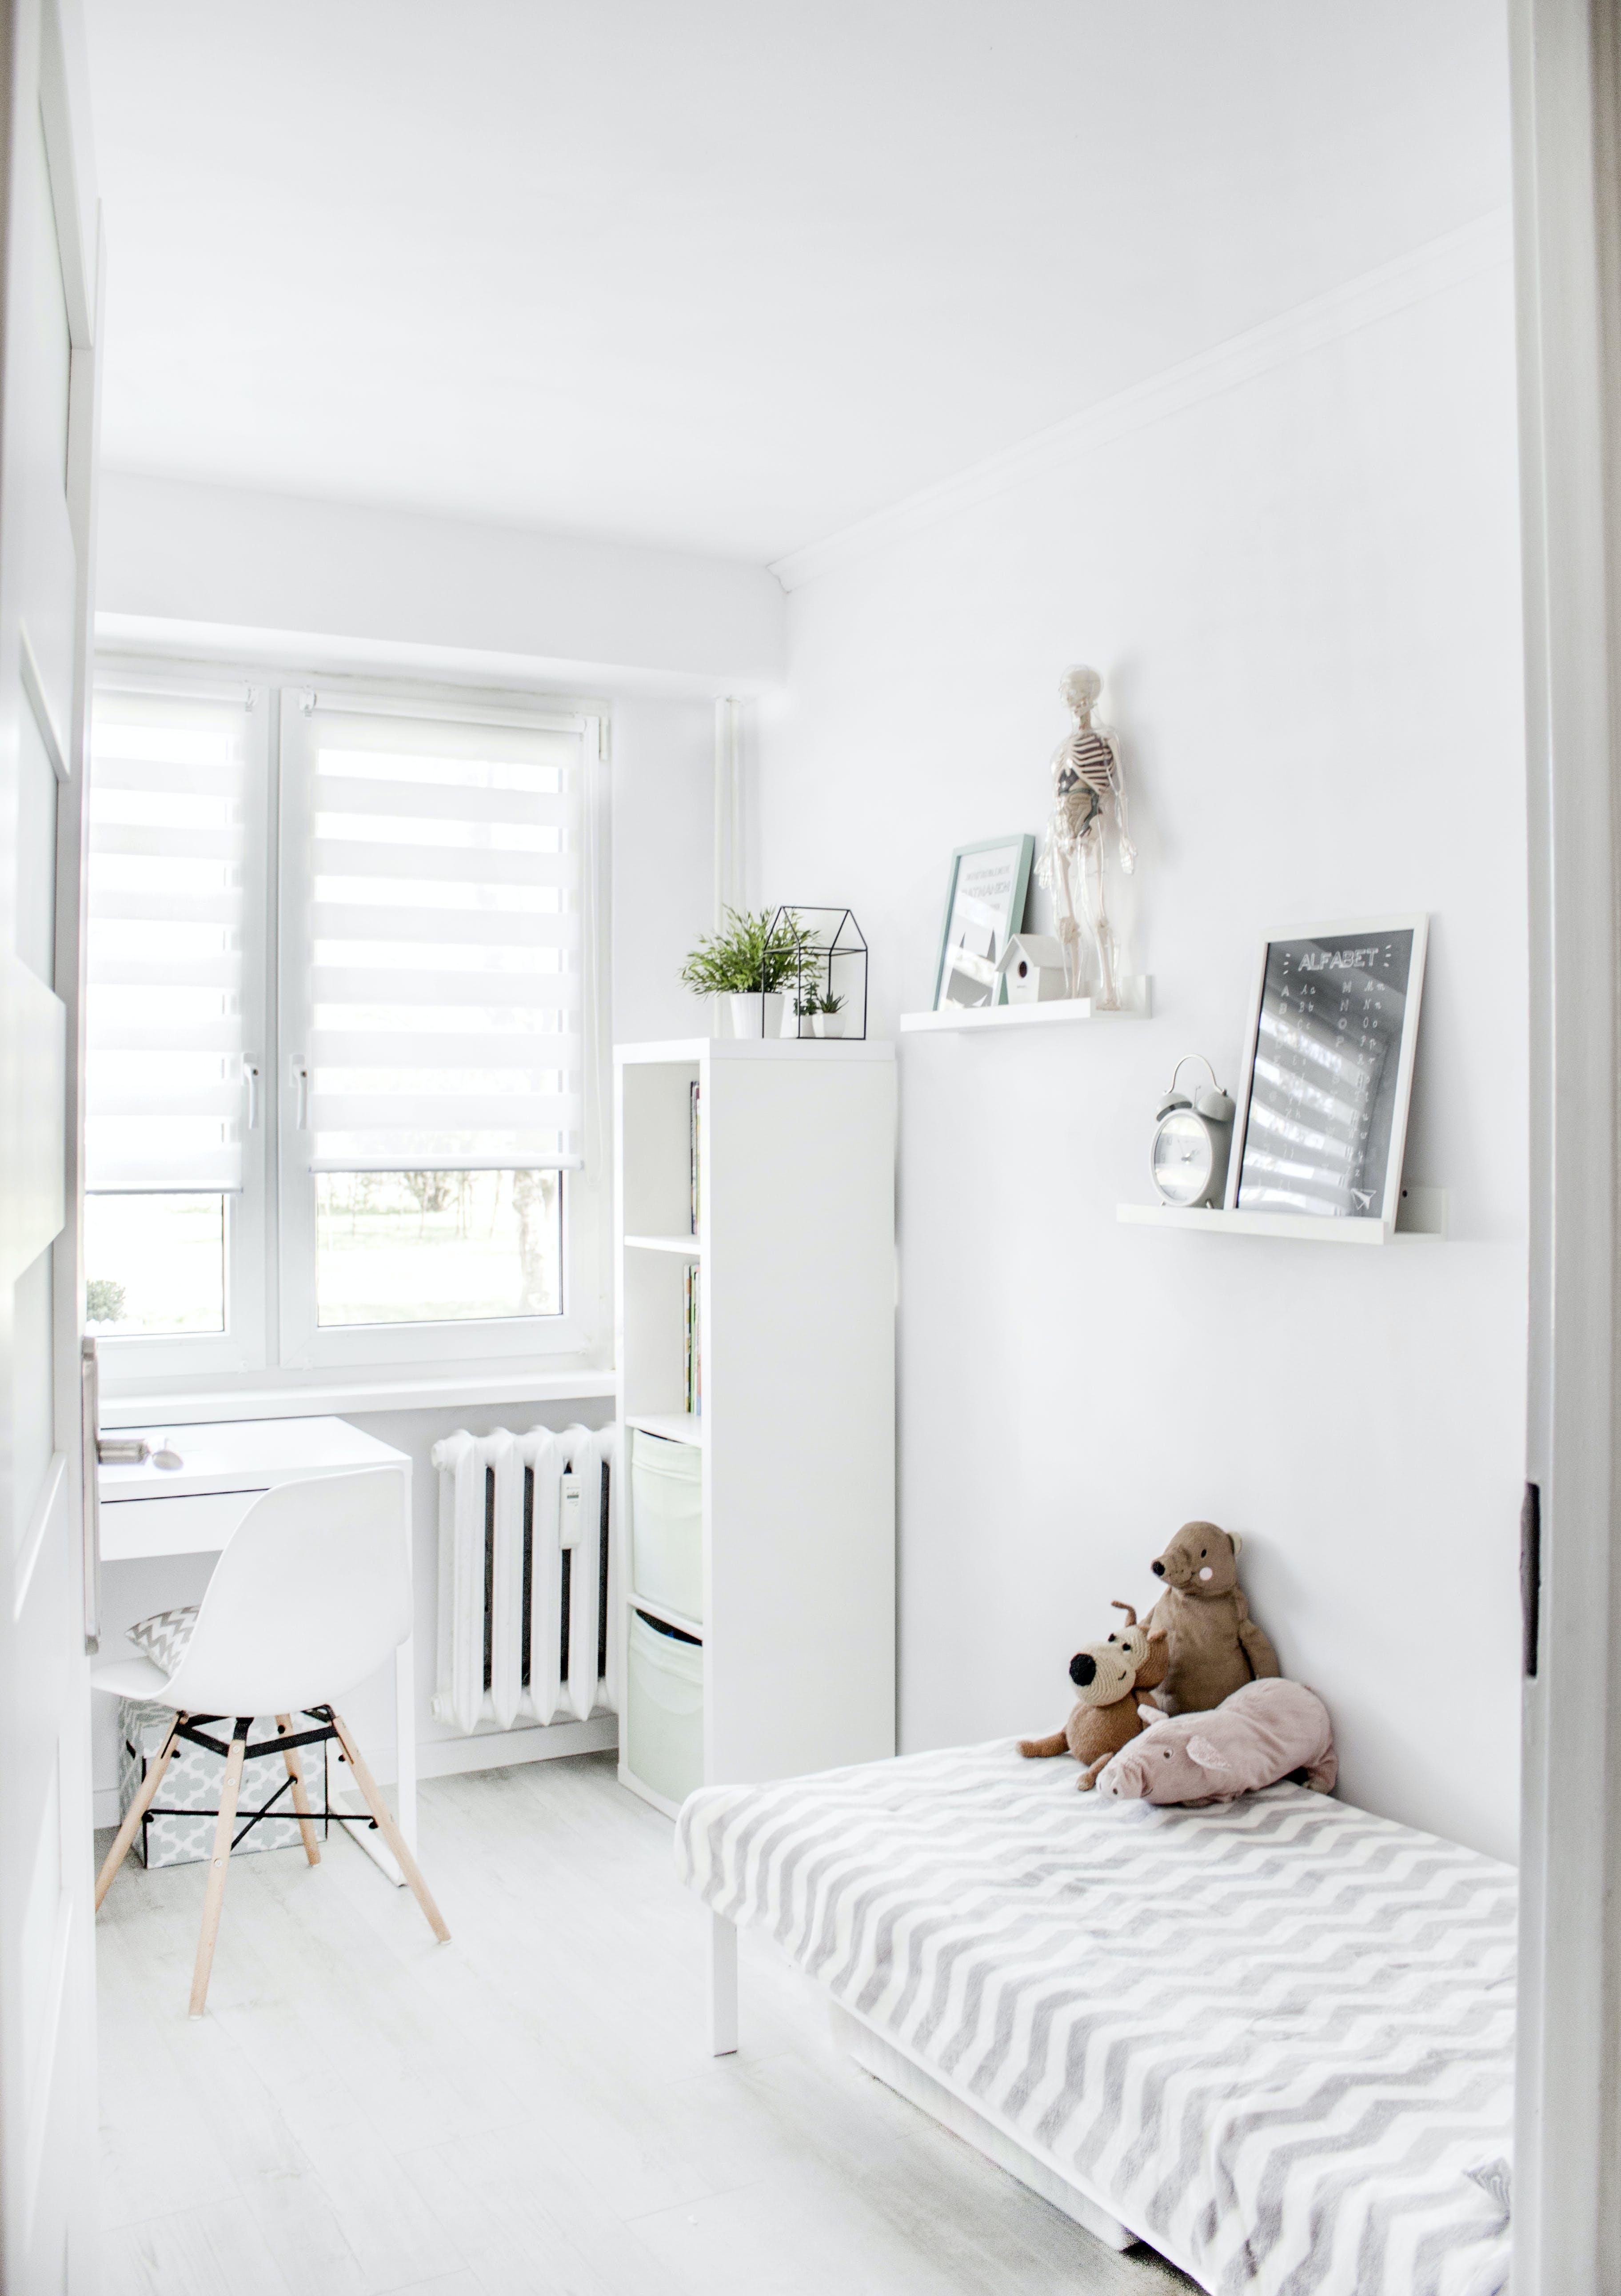 Kostenloses Stock Foto zu innen, fenster, zuhause, raum